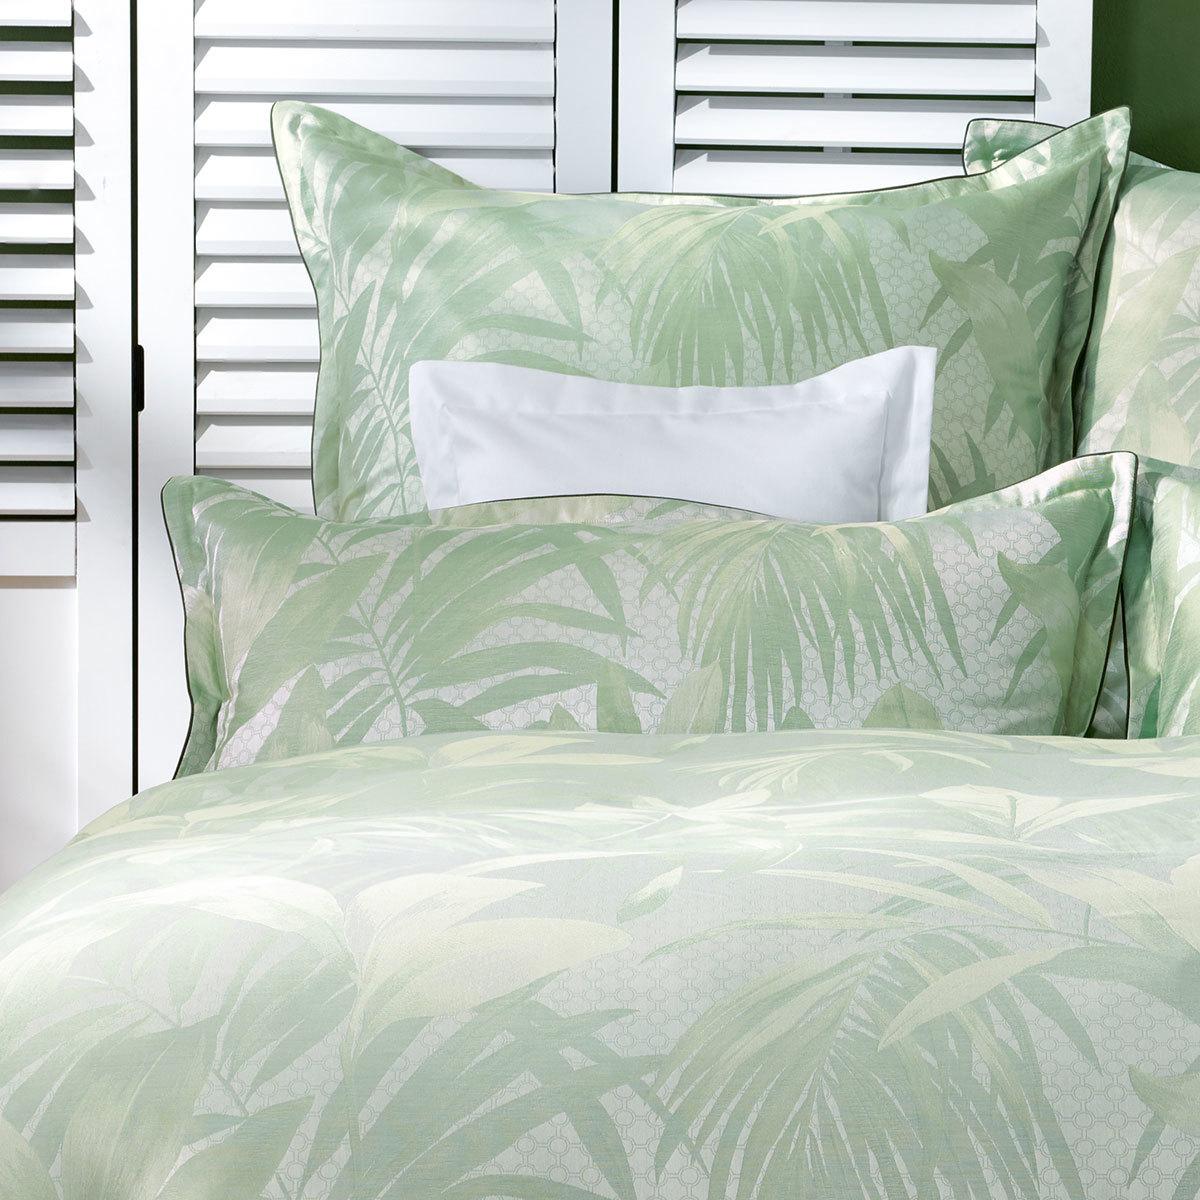 curt bauer mako brokat damast bettw sche cannes gr n g nstig online kaufen bei bettwaren shop. Black Bedroom Furniture Sets. Home Design Ideas